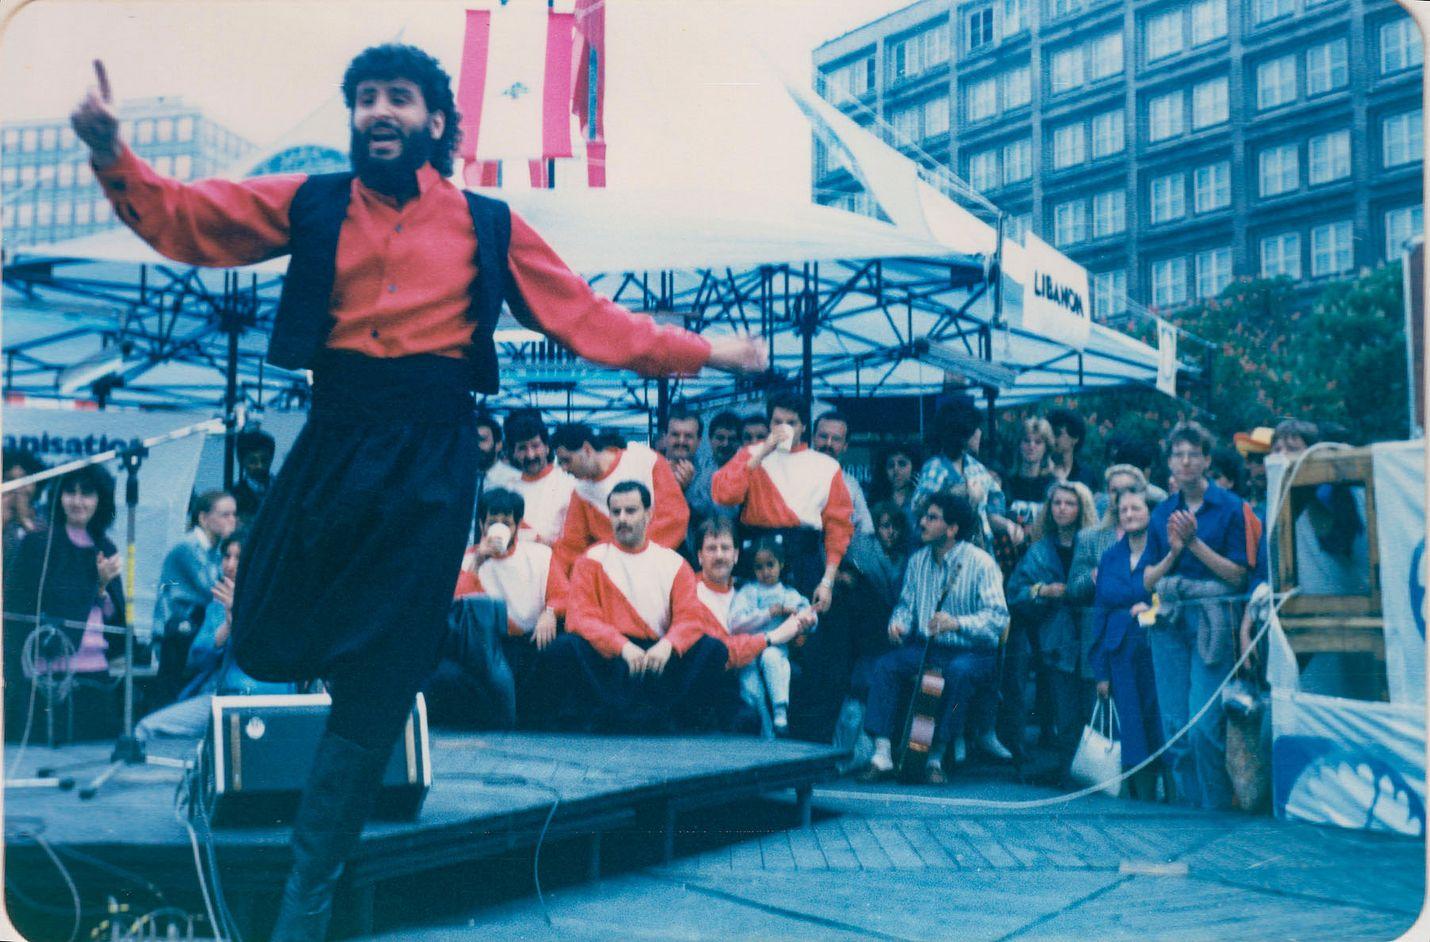 Libanonilainen Nabil tanssi DDR:ssä vuonna 1988. Dokumenttia kuvattiin kymmenen vuoden ajan eri maissa.